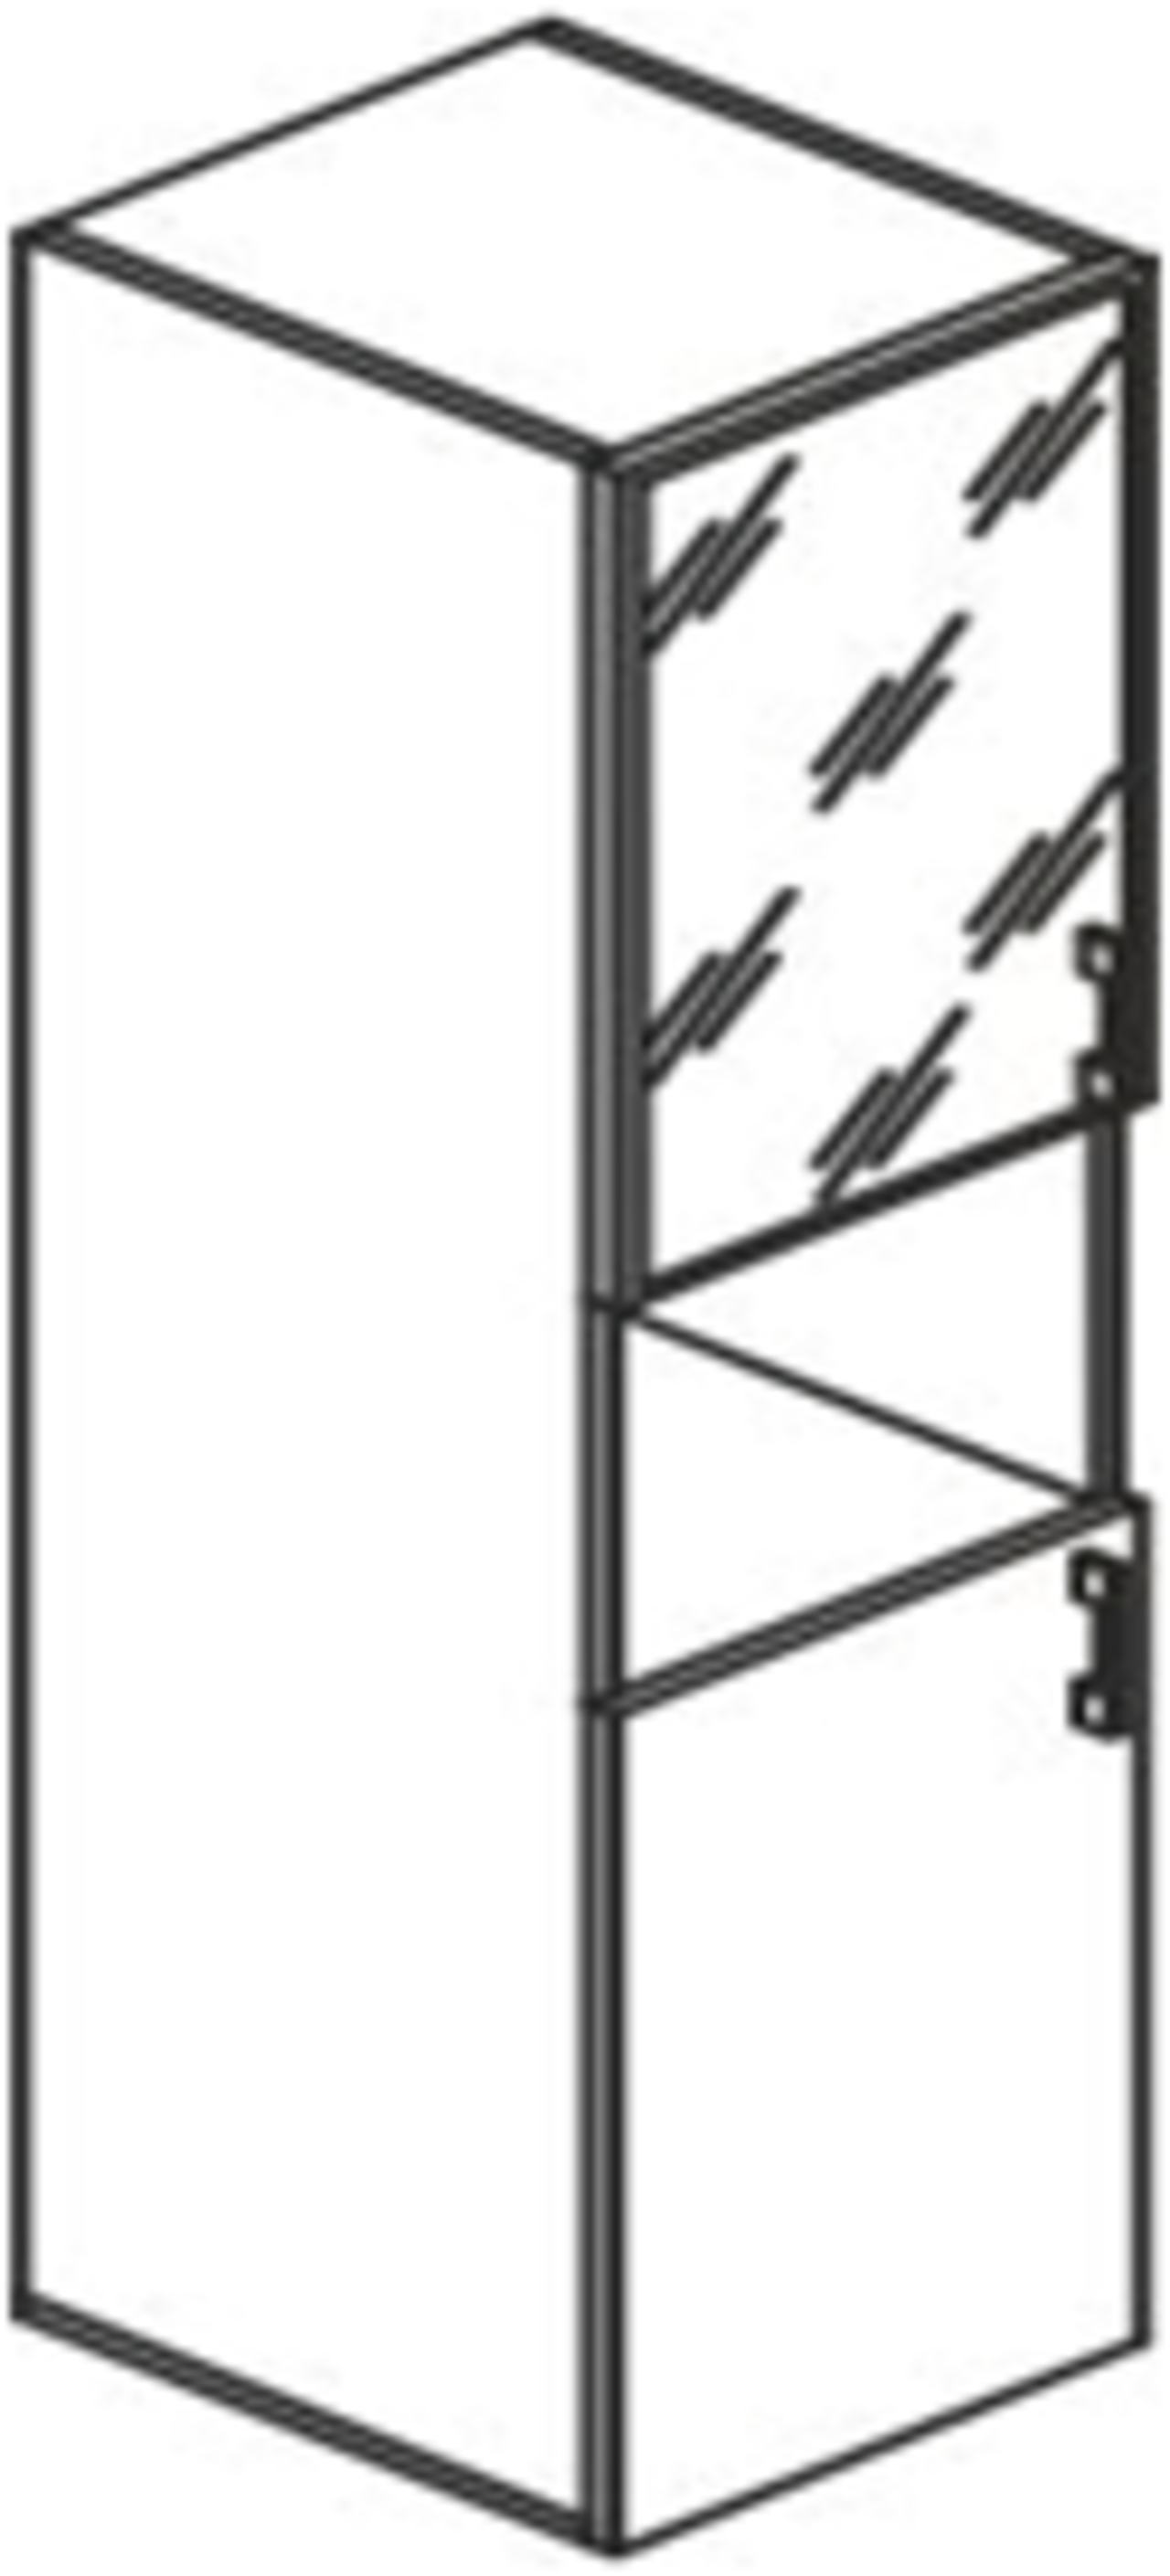 Стеллаж высокий узкий - фото 3